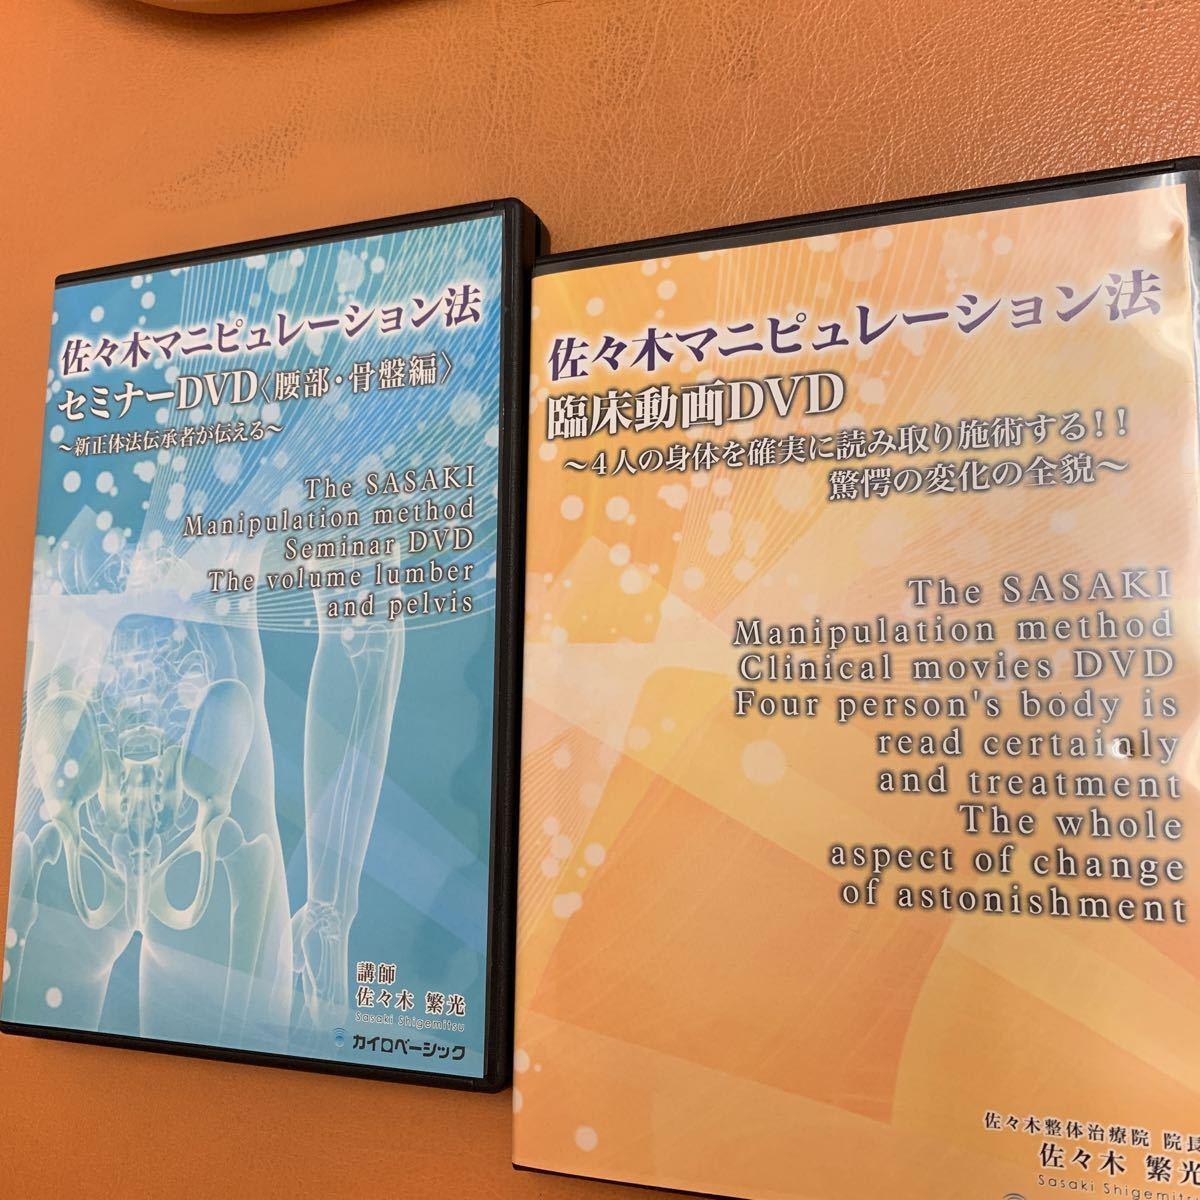 【佐々木マニピュレーション法セミナー 腰部骨盤編】本編DVD+臨床動画DVD 佐々木繁光 整体_画像1